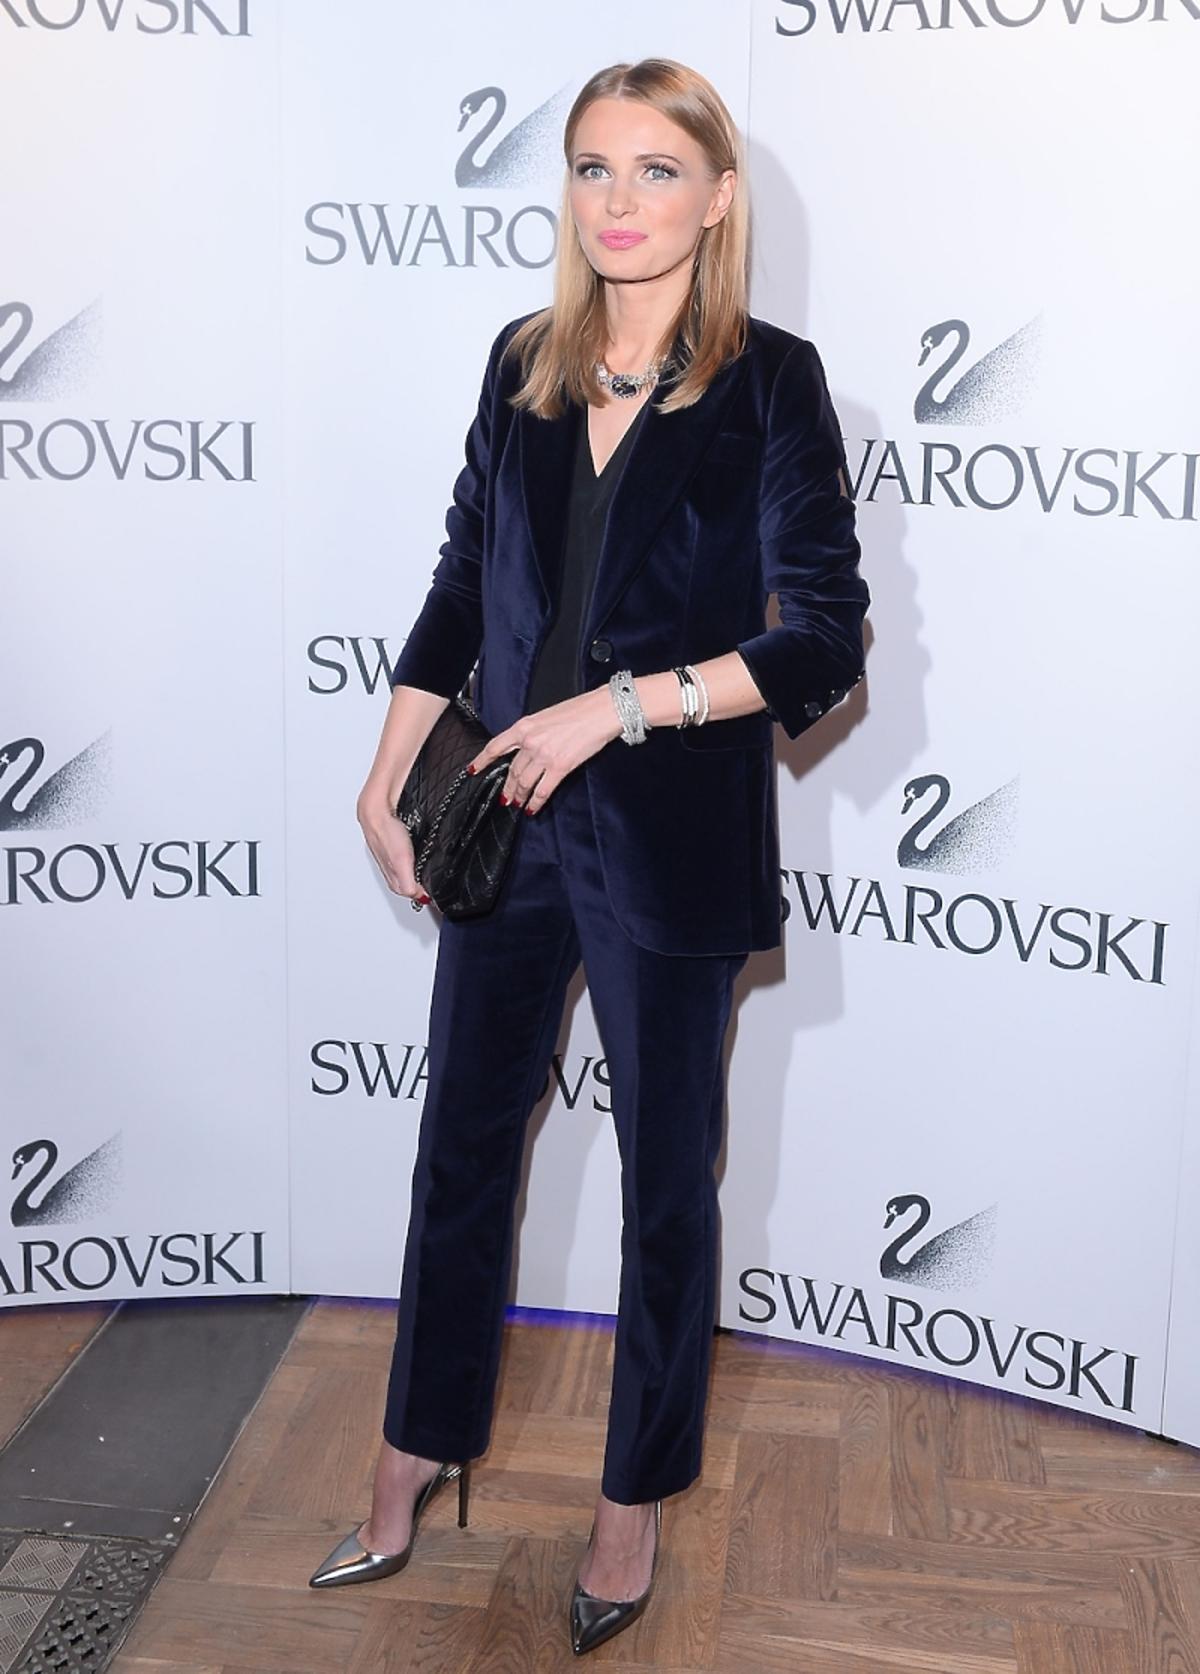 Agnieszka Cegielska w aksamitnym garniturze i srebrnych szpilkach z torebką